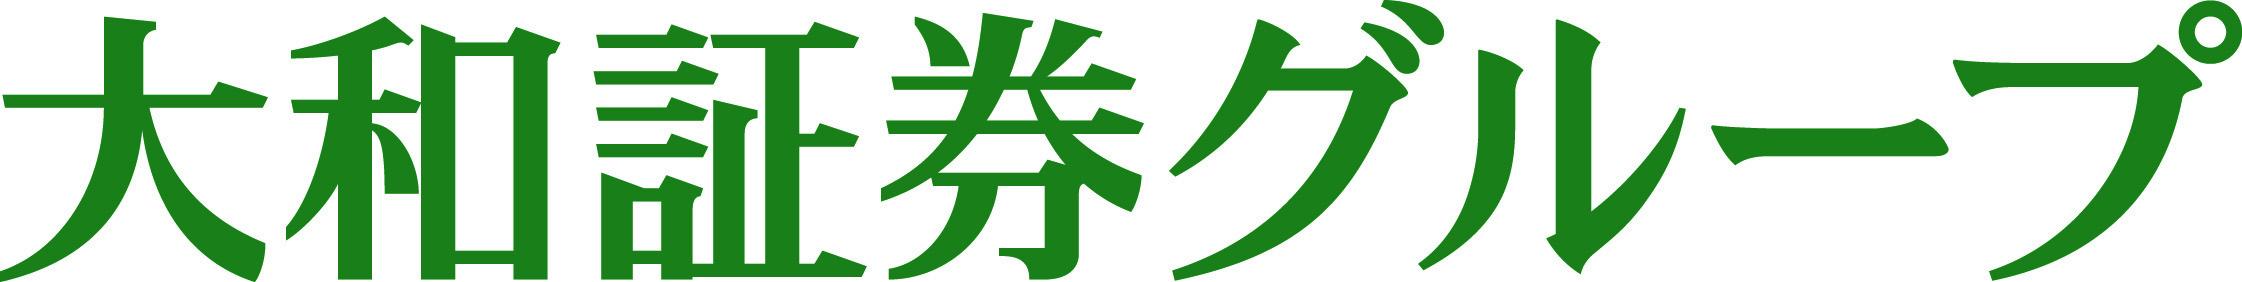 株式会社大和証券グループ本社ロゴ